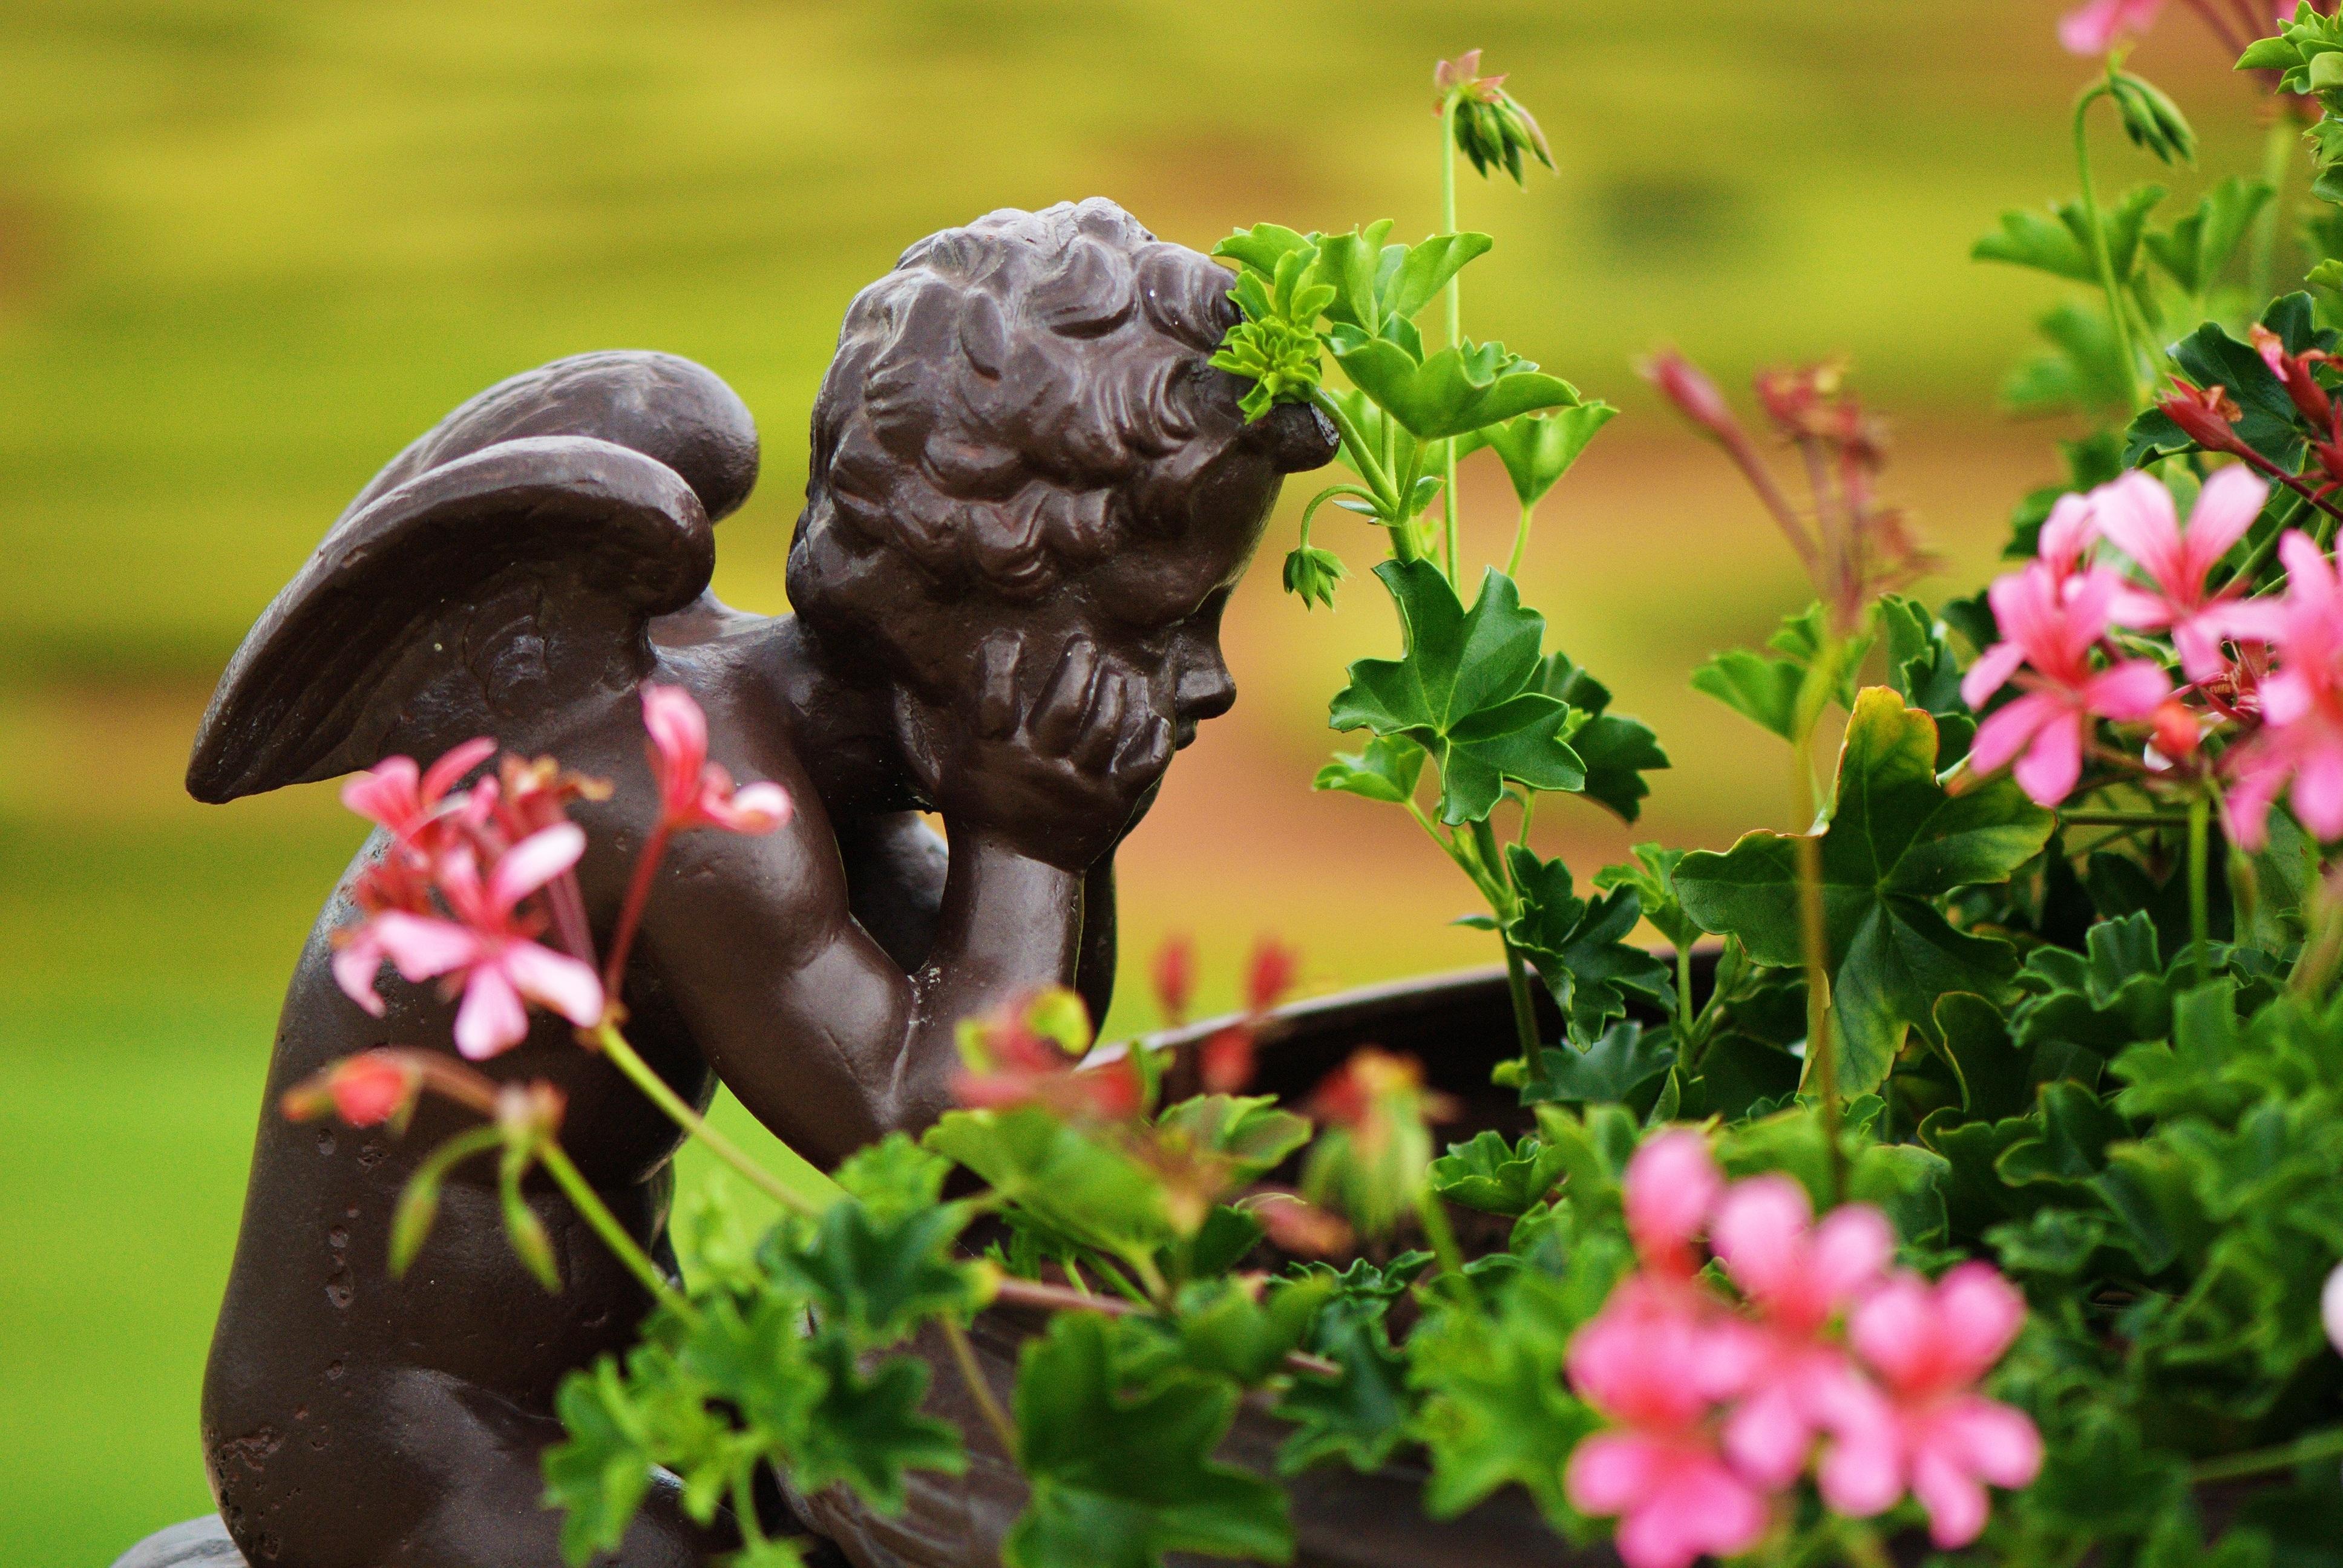 Banco de imagens plantar gramado flor pensando for Immagini buongiorno il mio piccolo mondo segreto